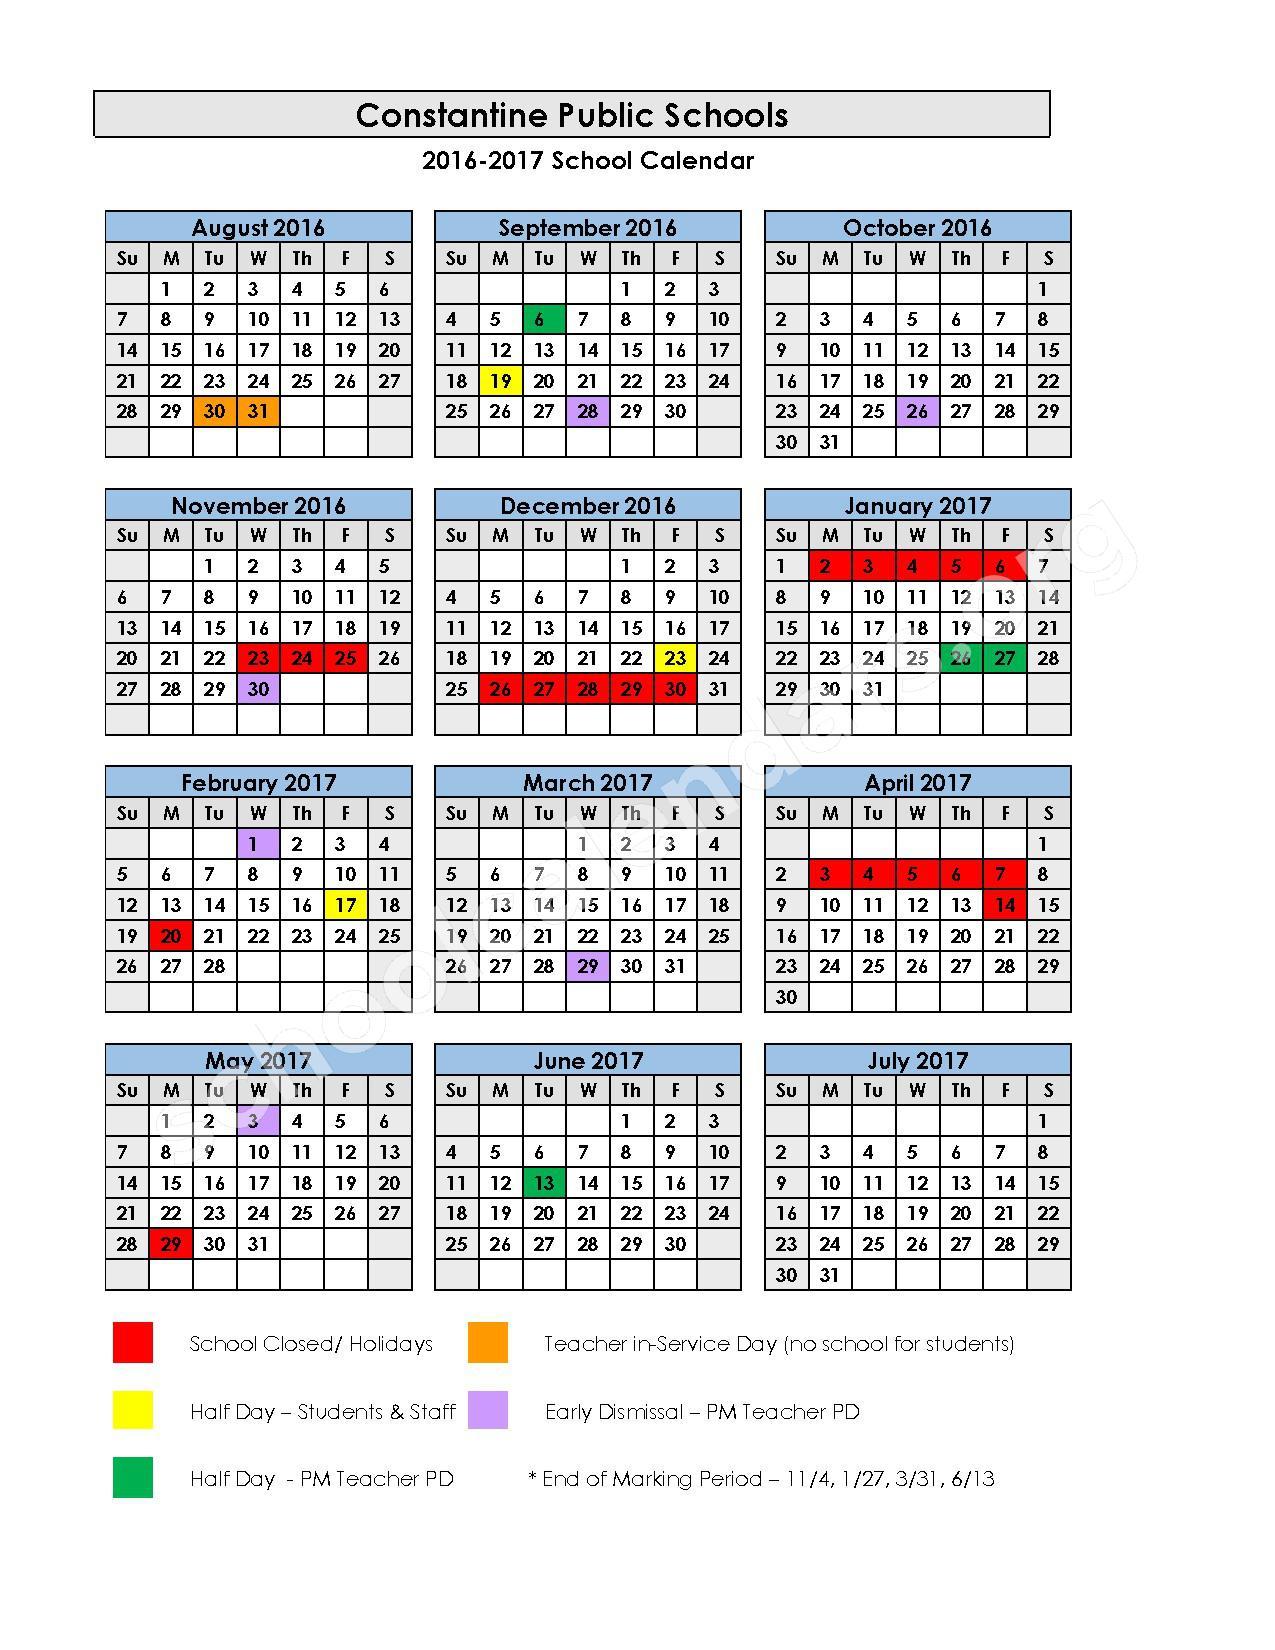 2016 - 2017 School Calendar – Constantine Public School District – page 1